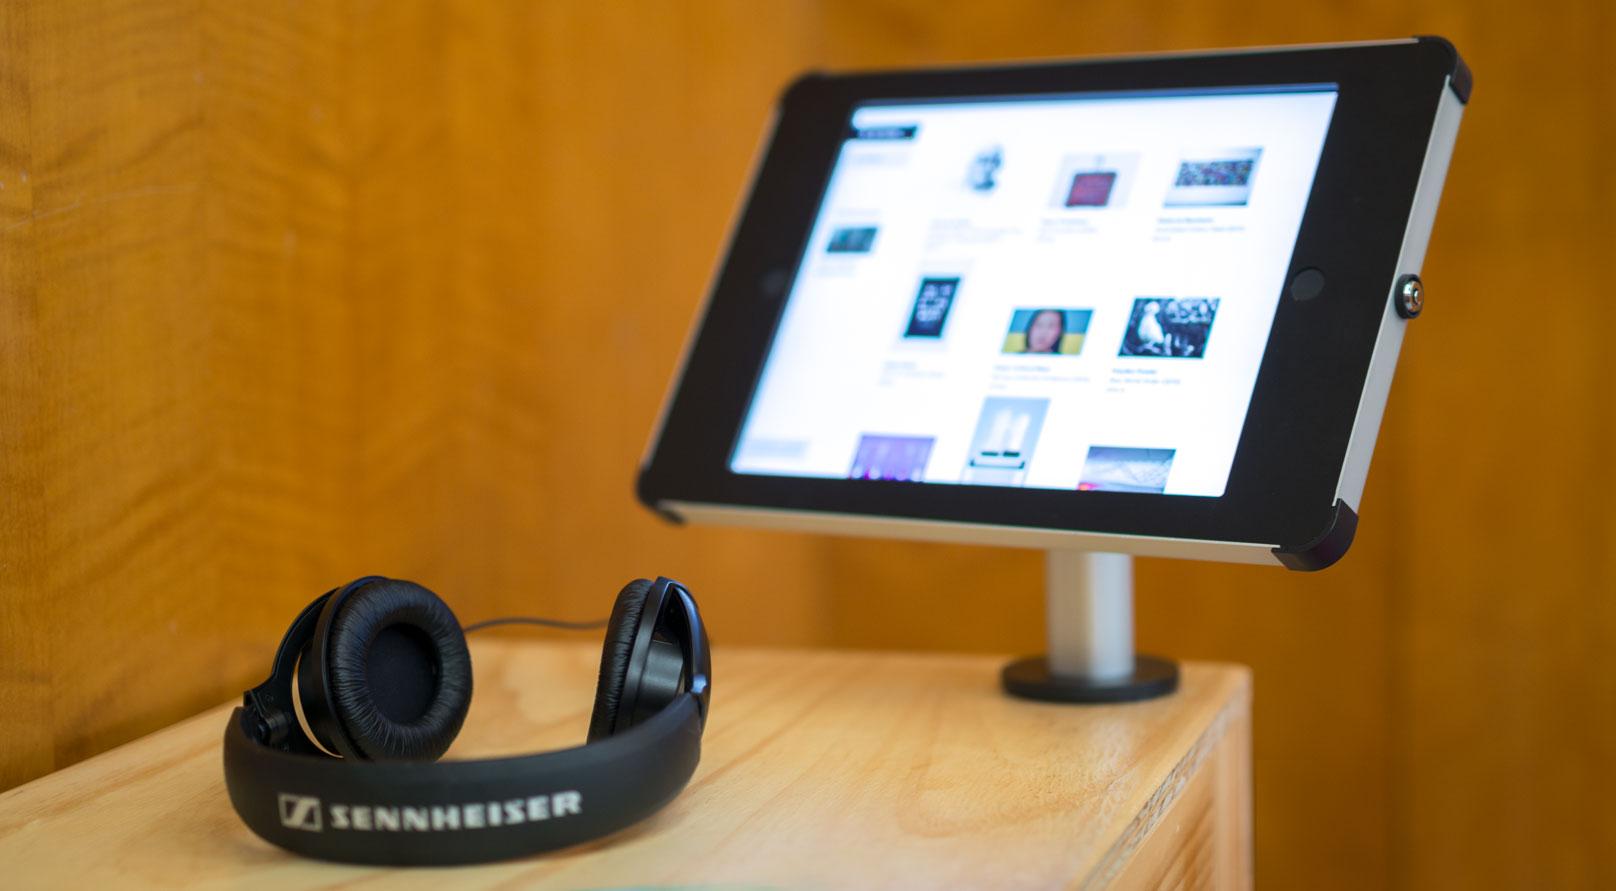 iPad Desk Mount Enclosure at Exhibition